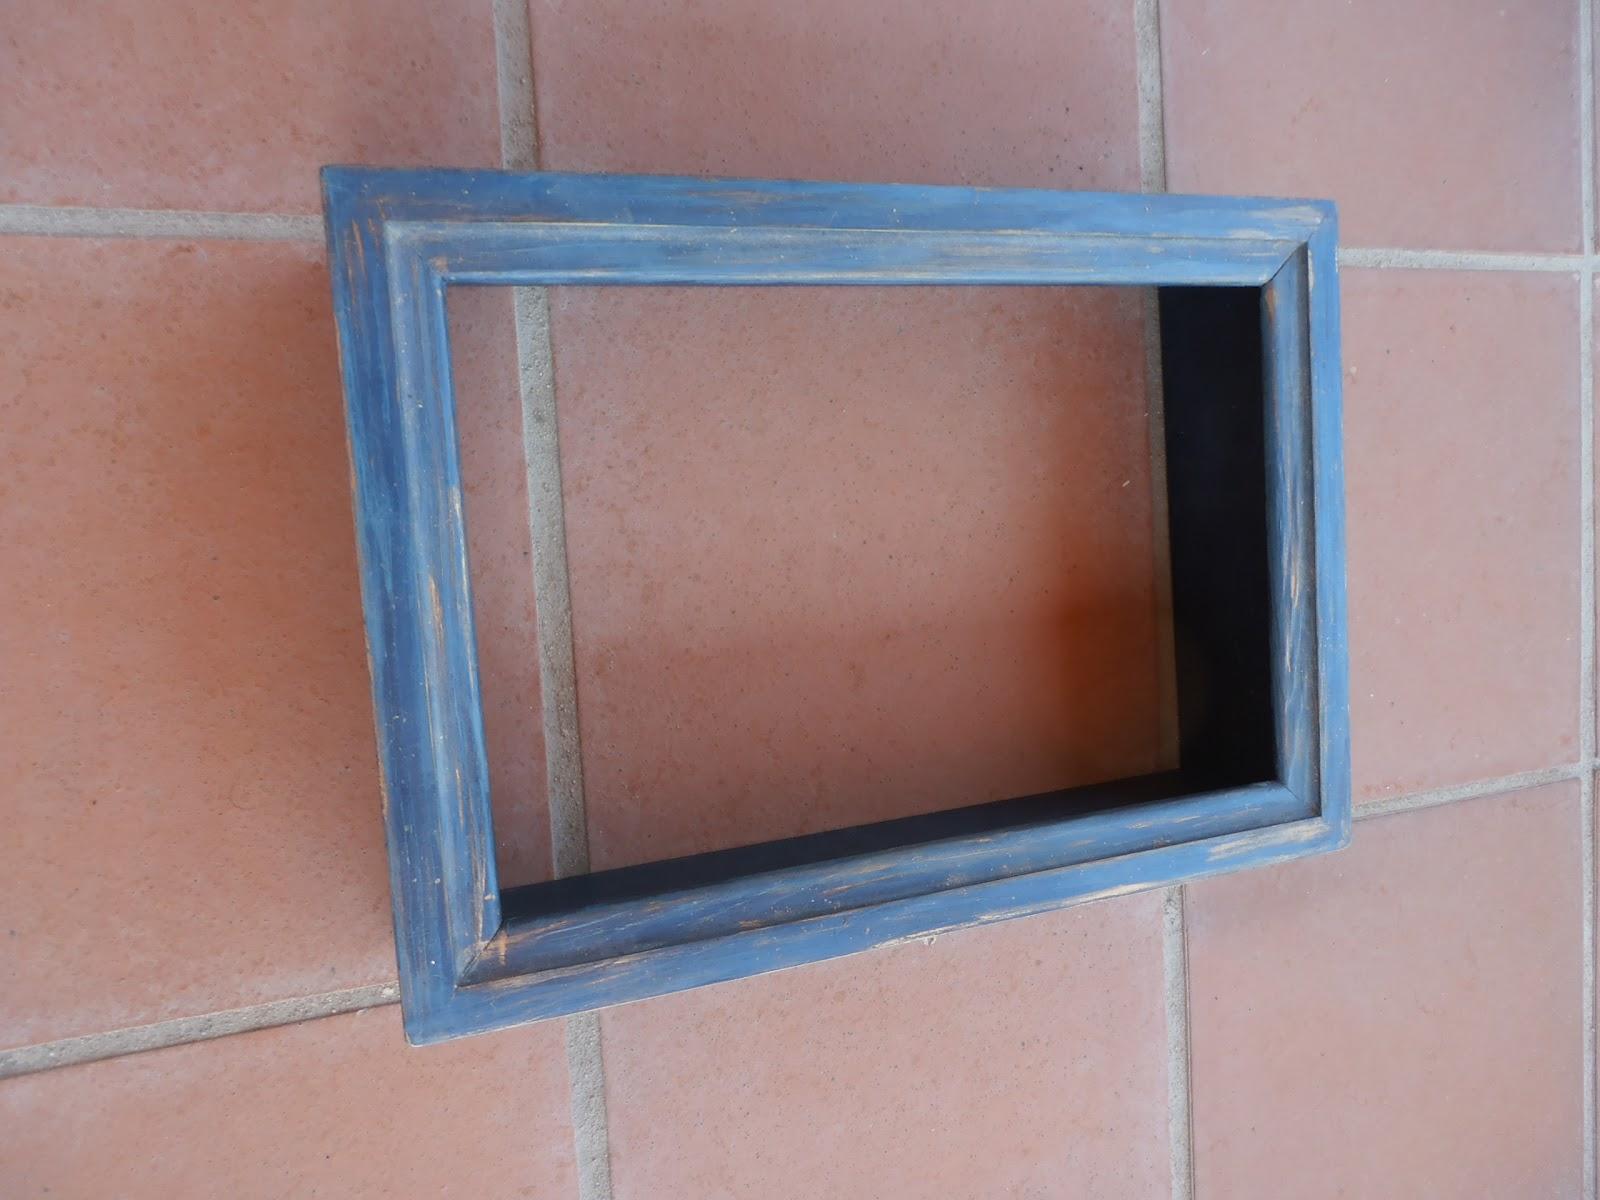 Cómo hacer un jardin vertical con una caja de madera   Universo de ...